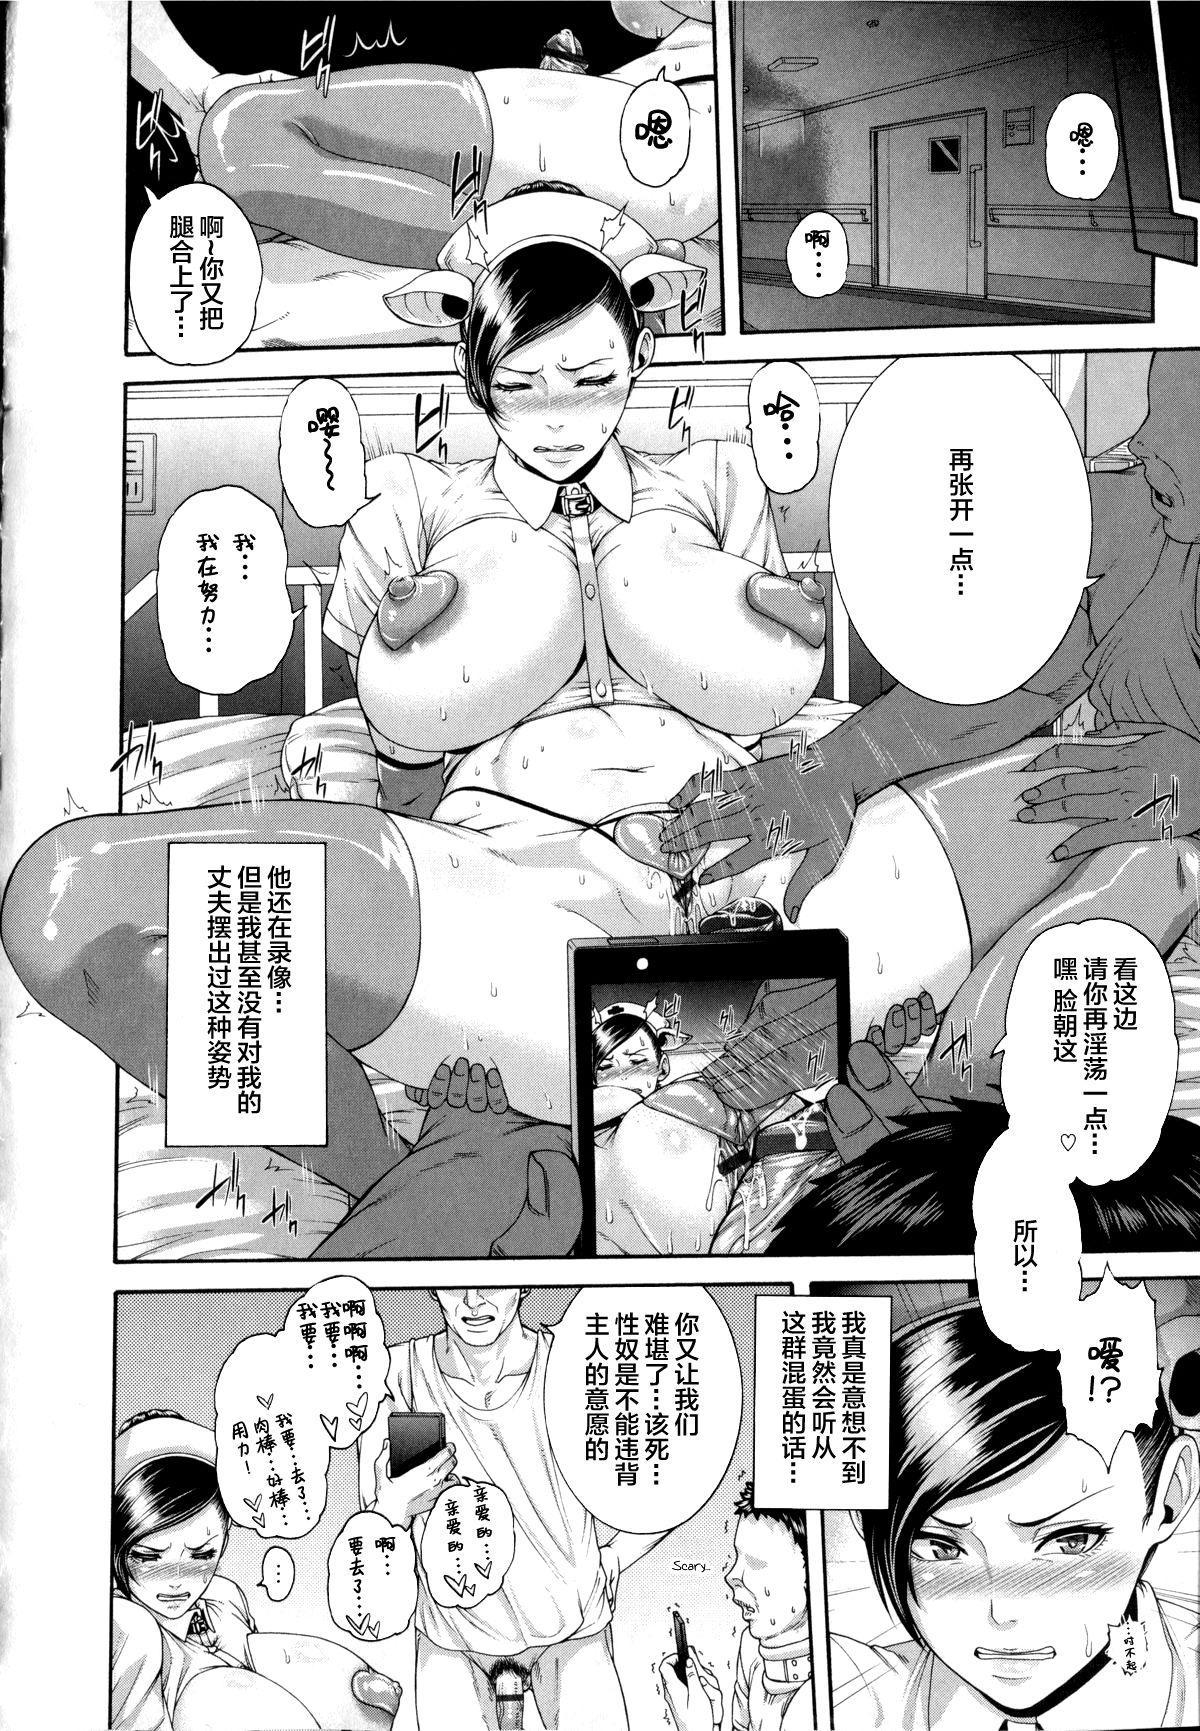 Watashi mo Kango Shidou Onegaishimasu! 3